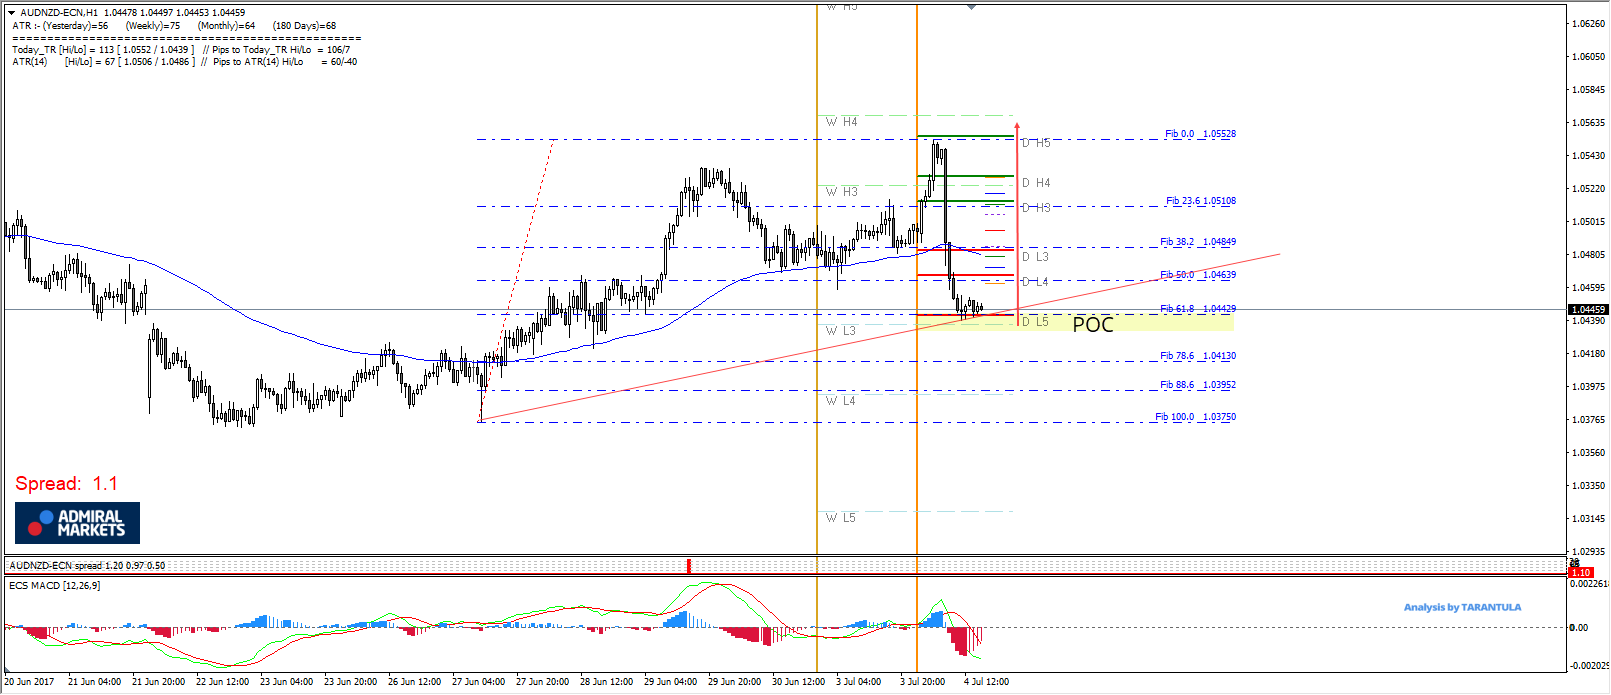 Форекс курс евро 1 месяц в америке кризис